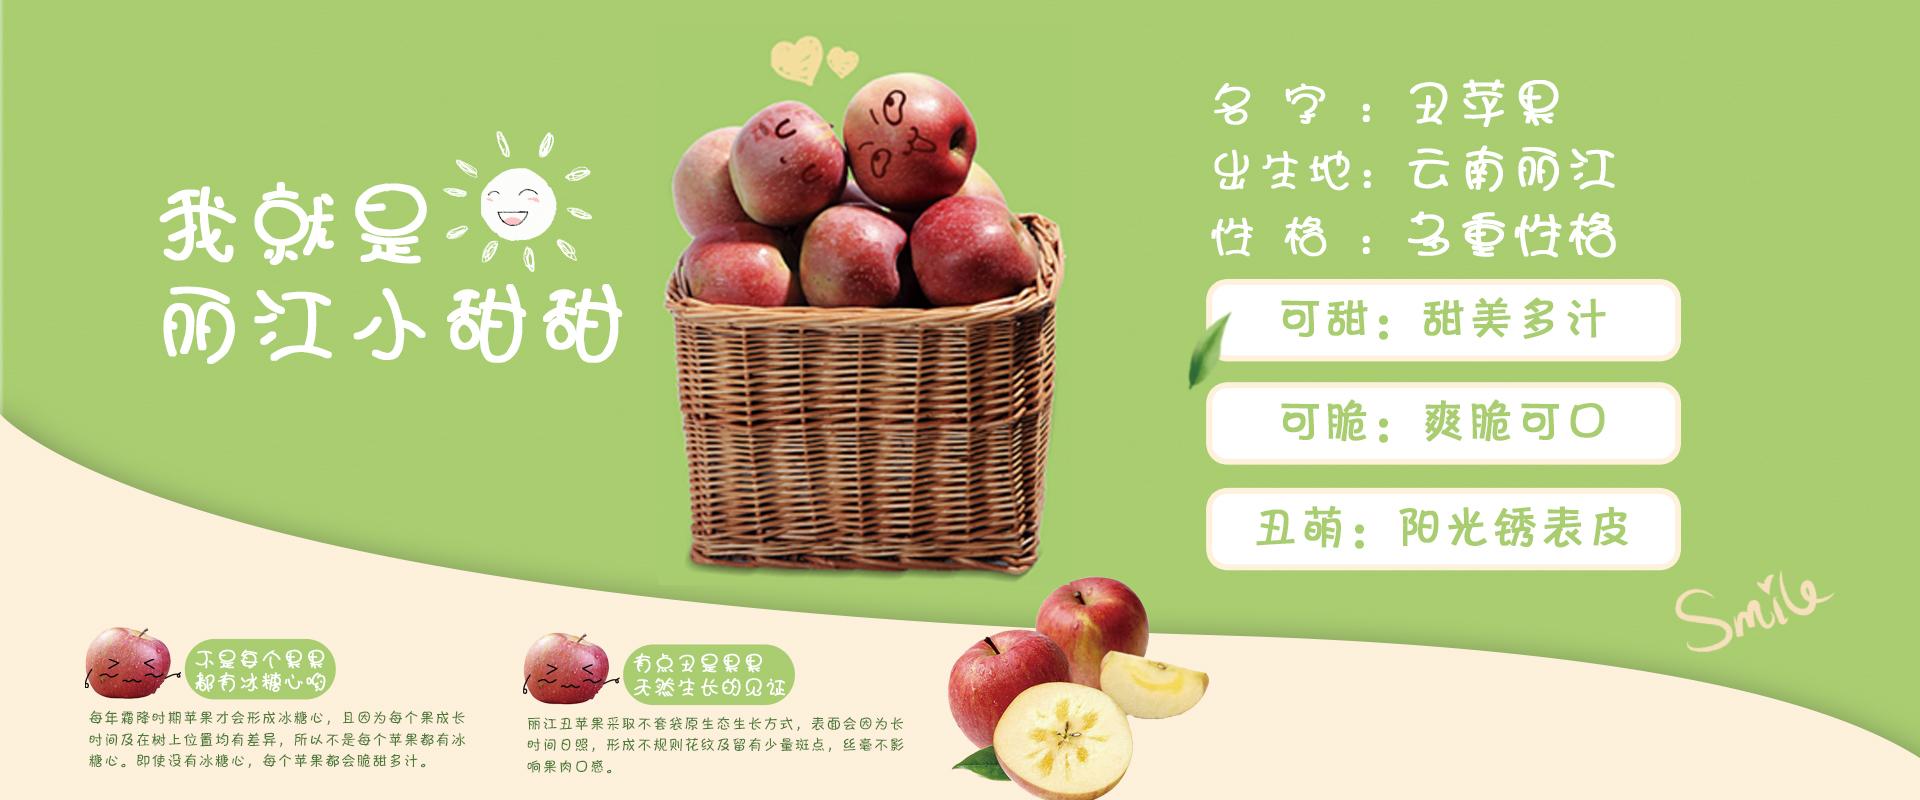 田家庄果业包装设计